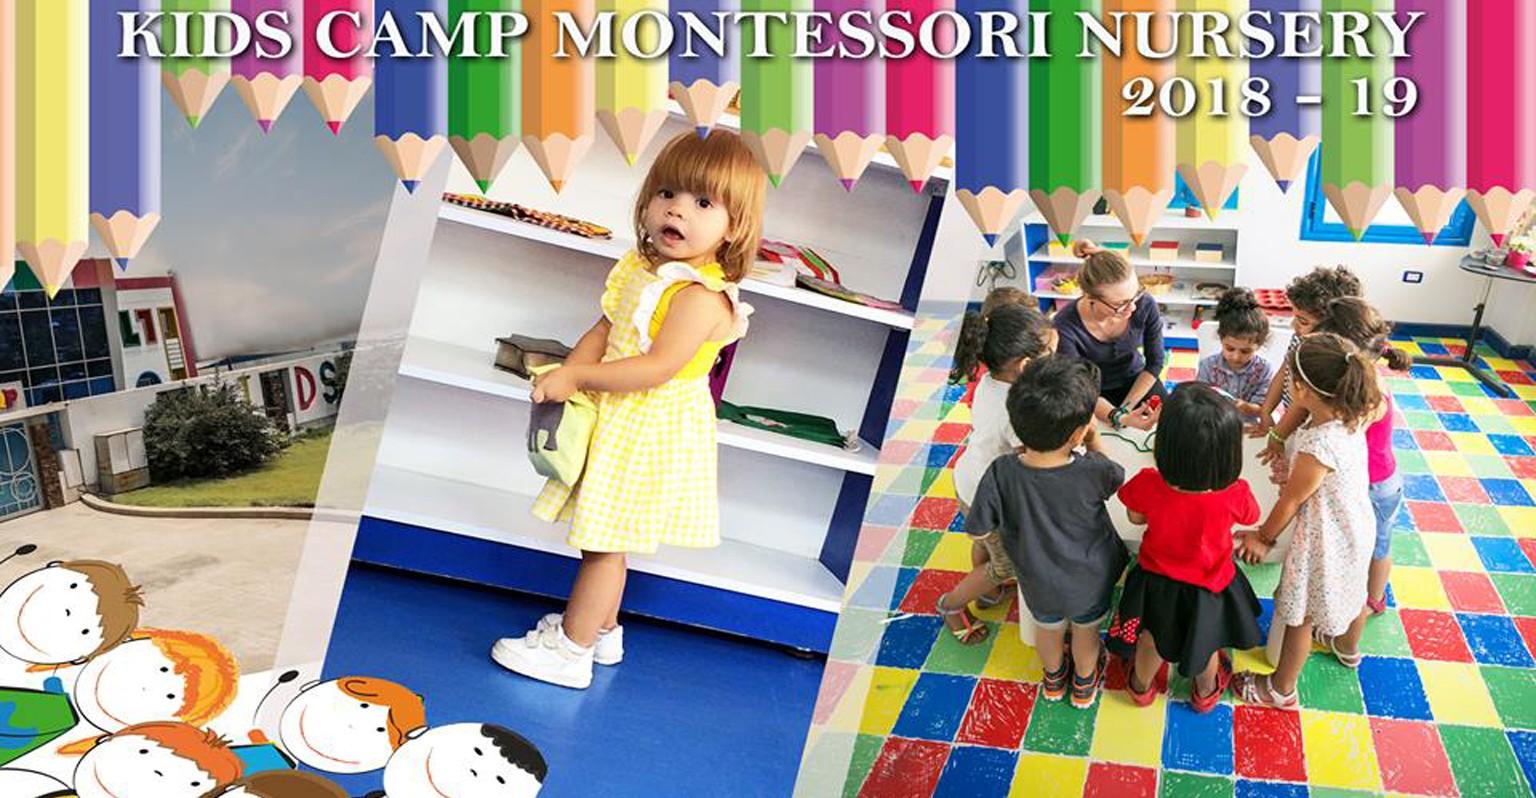 Kids Camp Montessori Nursery Linkedin